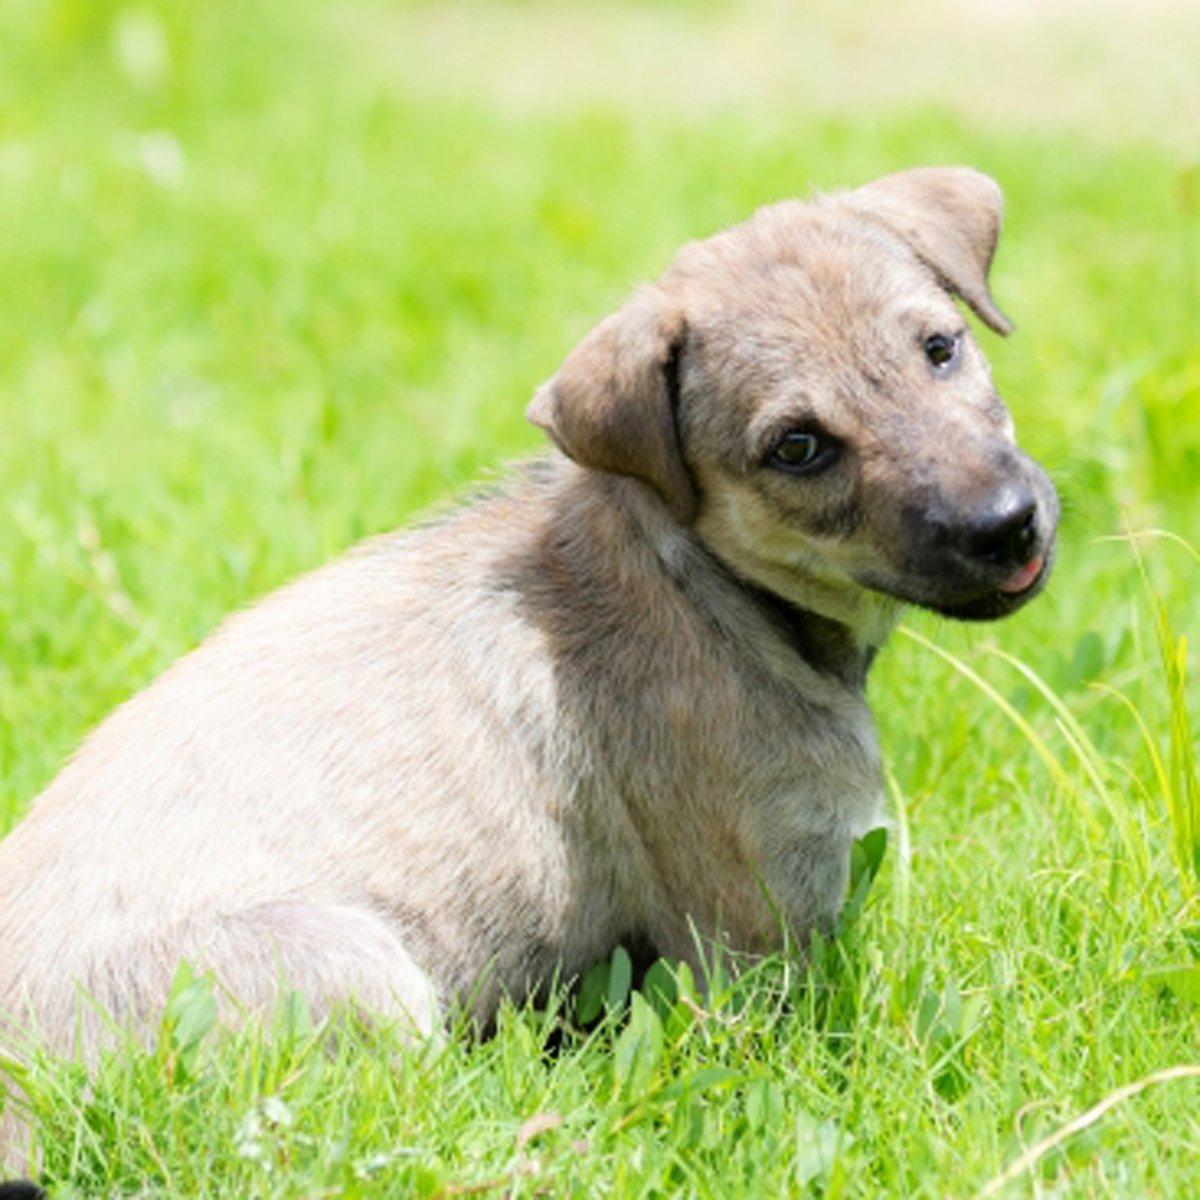 かわいいわんちゃん♪ #ハニーペット #HONEYPET #honeypet #犬 #ふわもこ部 #愛犬 #わんこ #いぬすたぐらむ #いぬ #ペット #犬のいる暮らし #ワンコ #イヌ #いぬのきもち #こいぬ #dog #dogsofinstagram #puppy #pet  #instagood #follow #followme https://t.co/dQT1JyaxlG